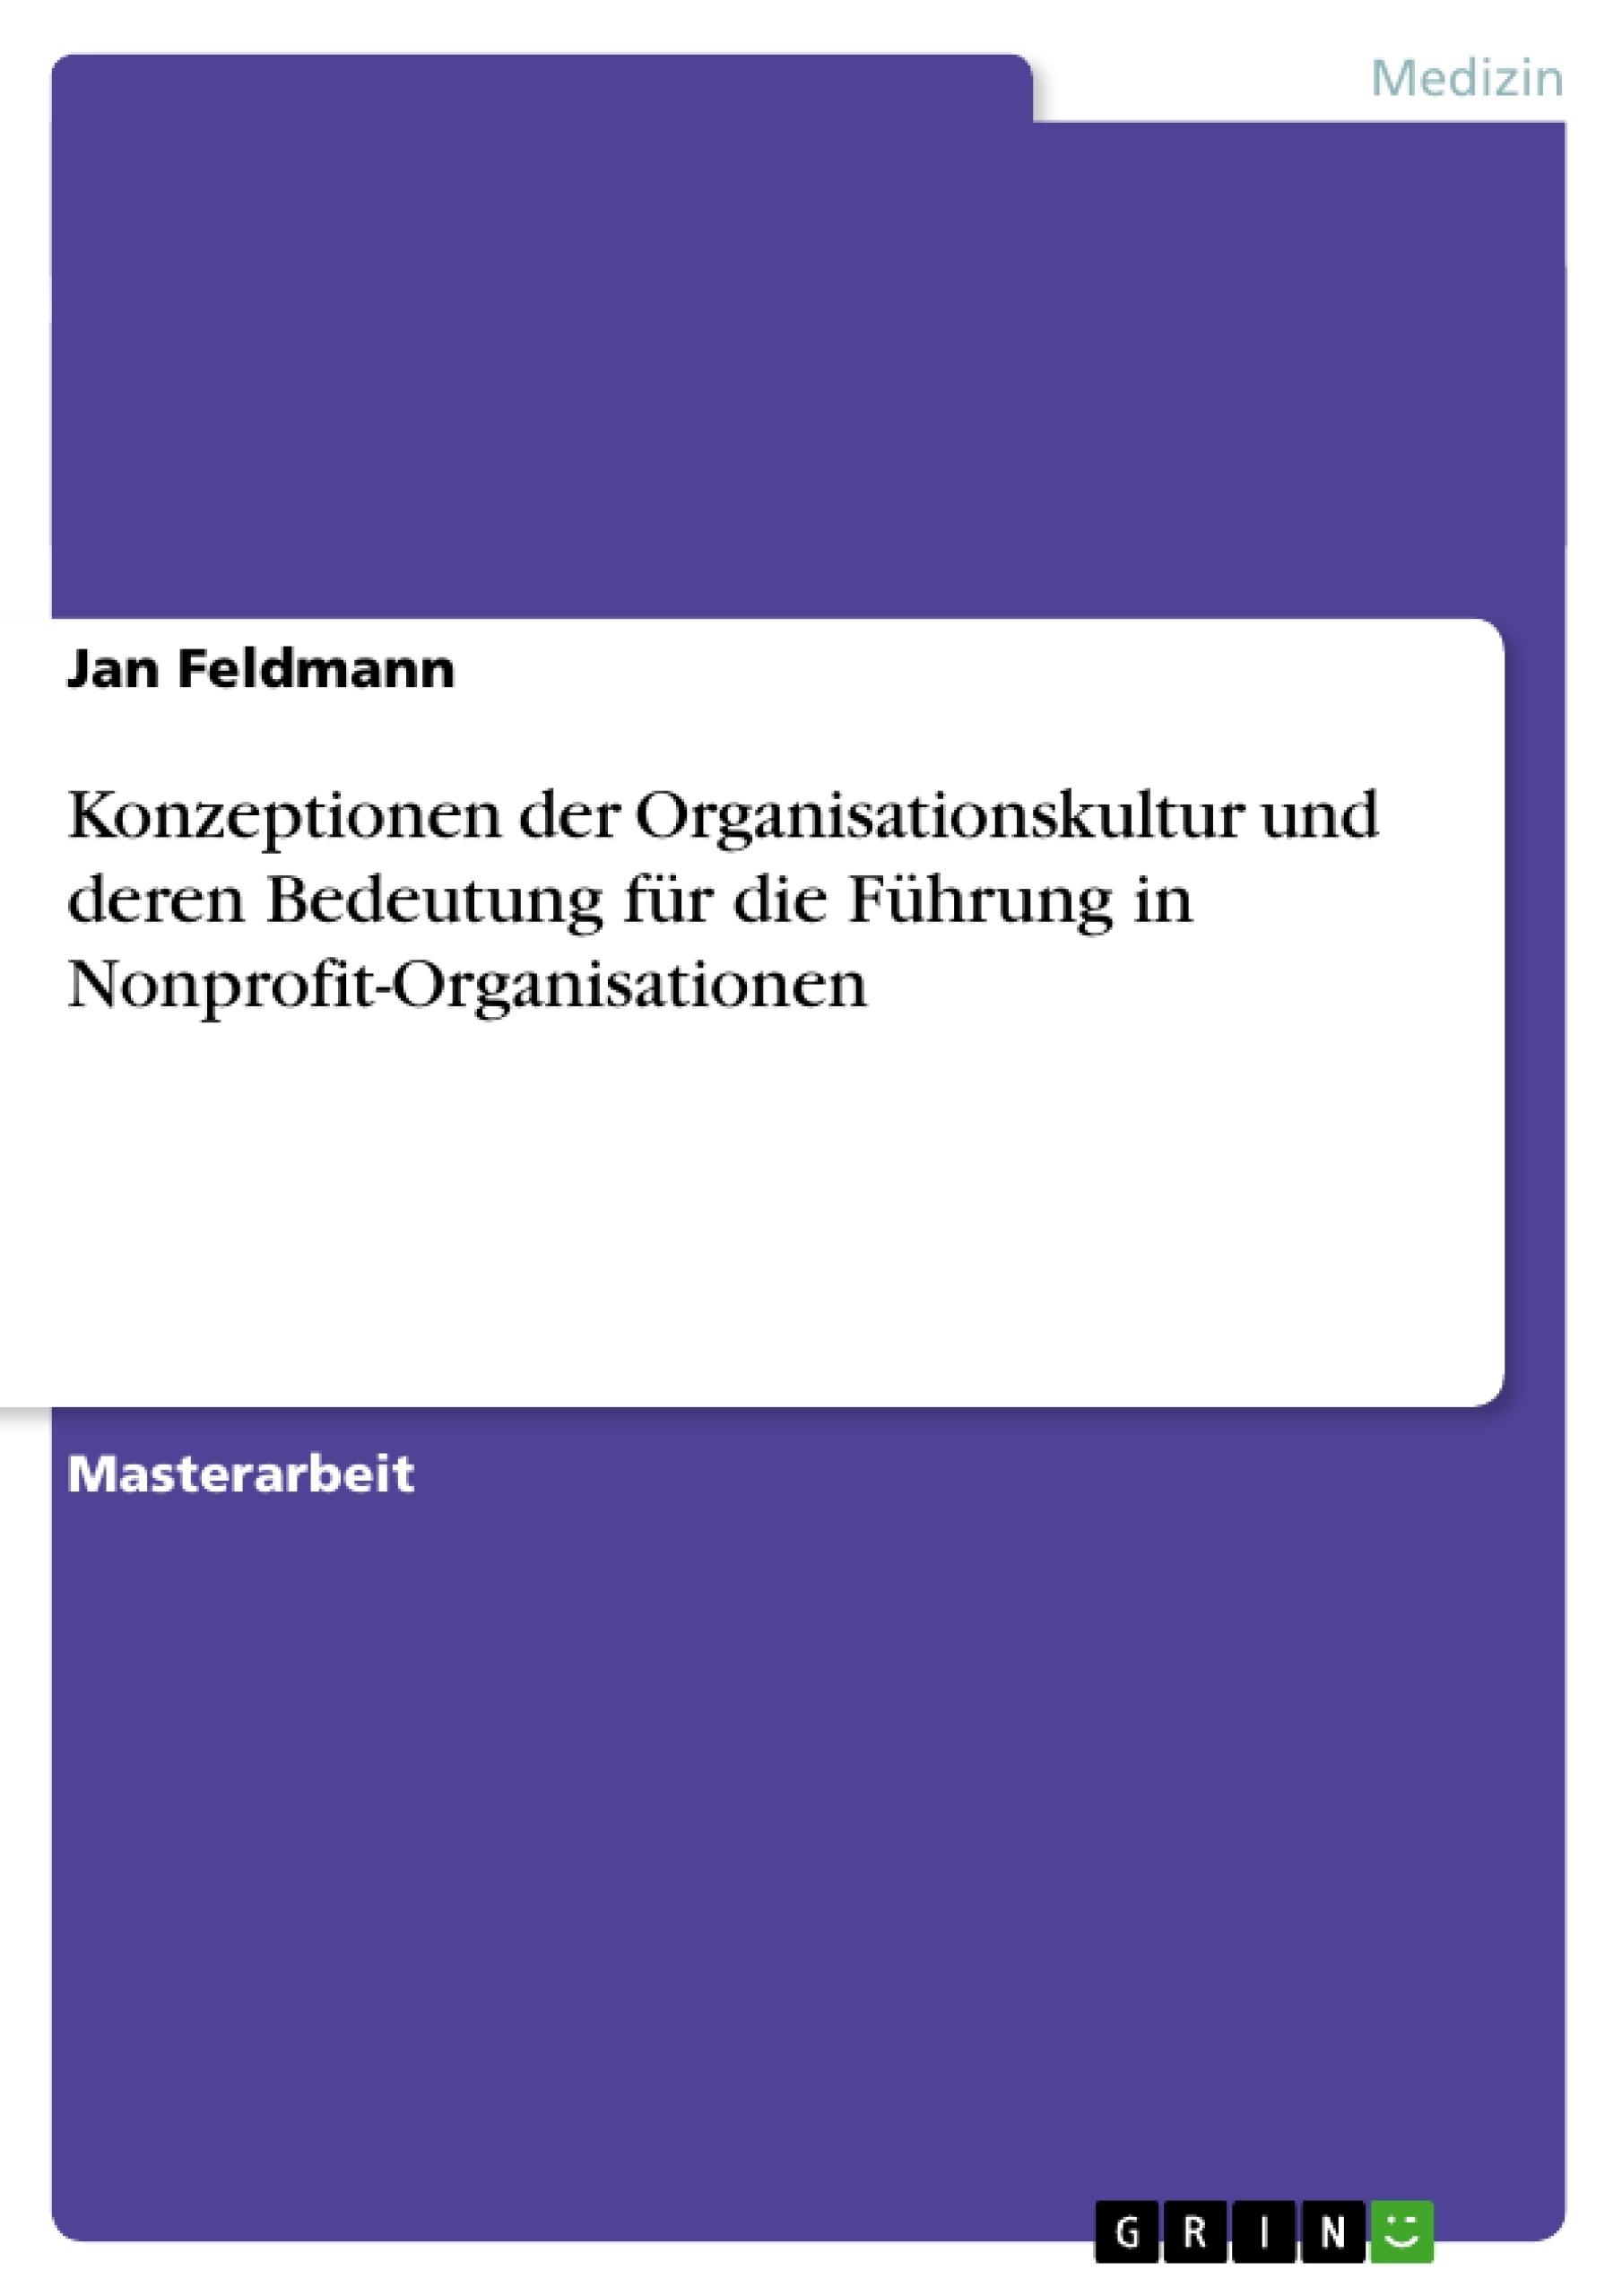 Titel: Konzeptionen der Organisationskultur und deren Bedeutung für die Führung in Nonprofit-Organisationen